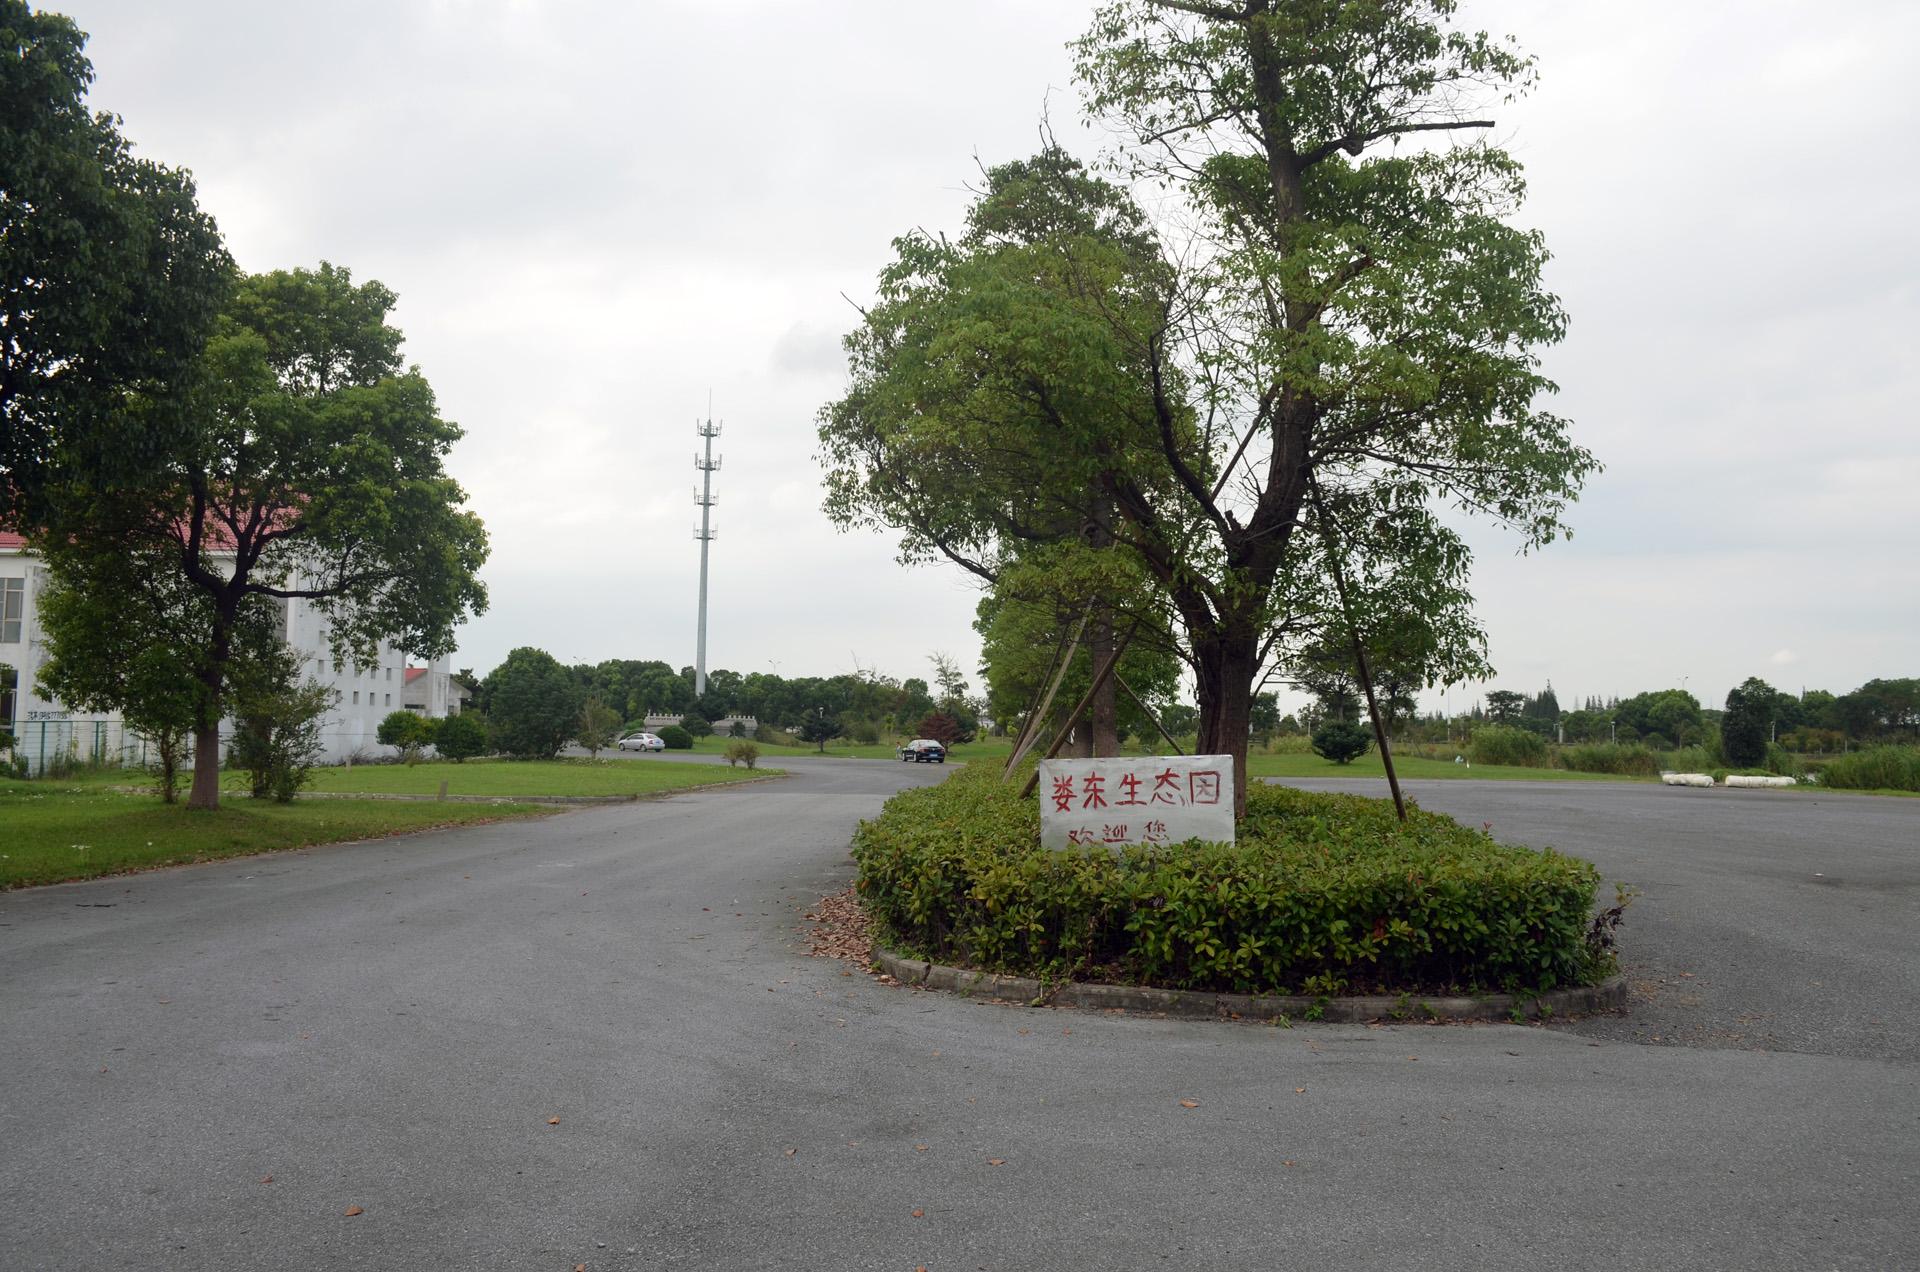 娄东生态园太仓娄东商务休闲垂钓中心风景秀丽 这里是太仓 摄影 第9张